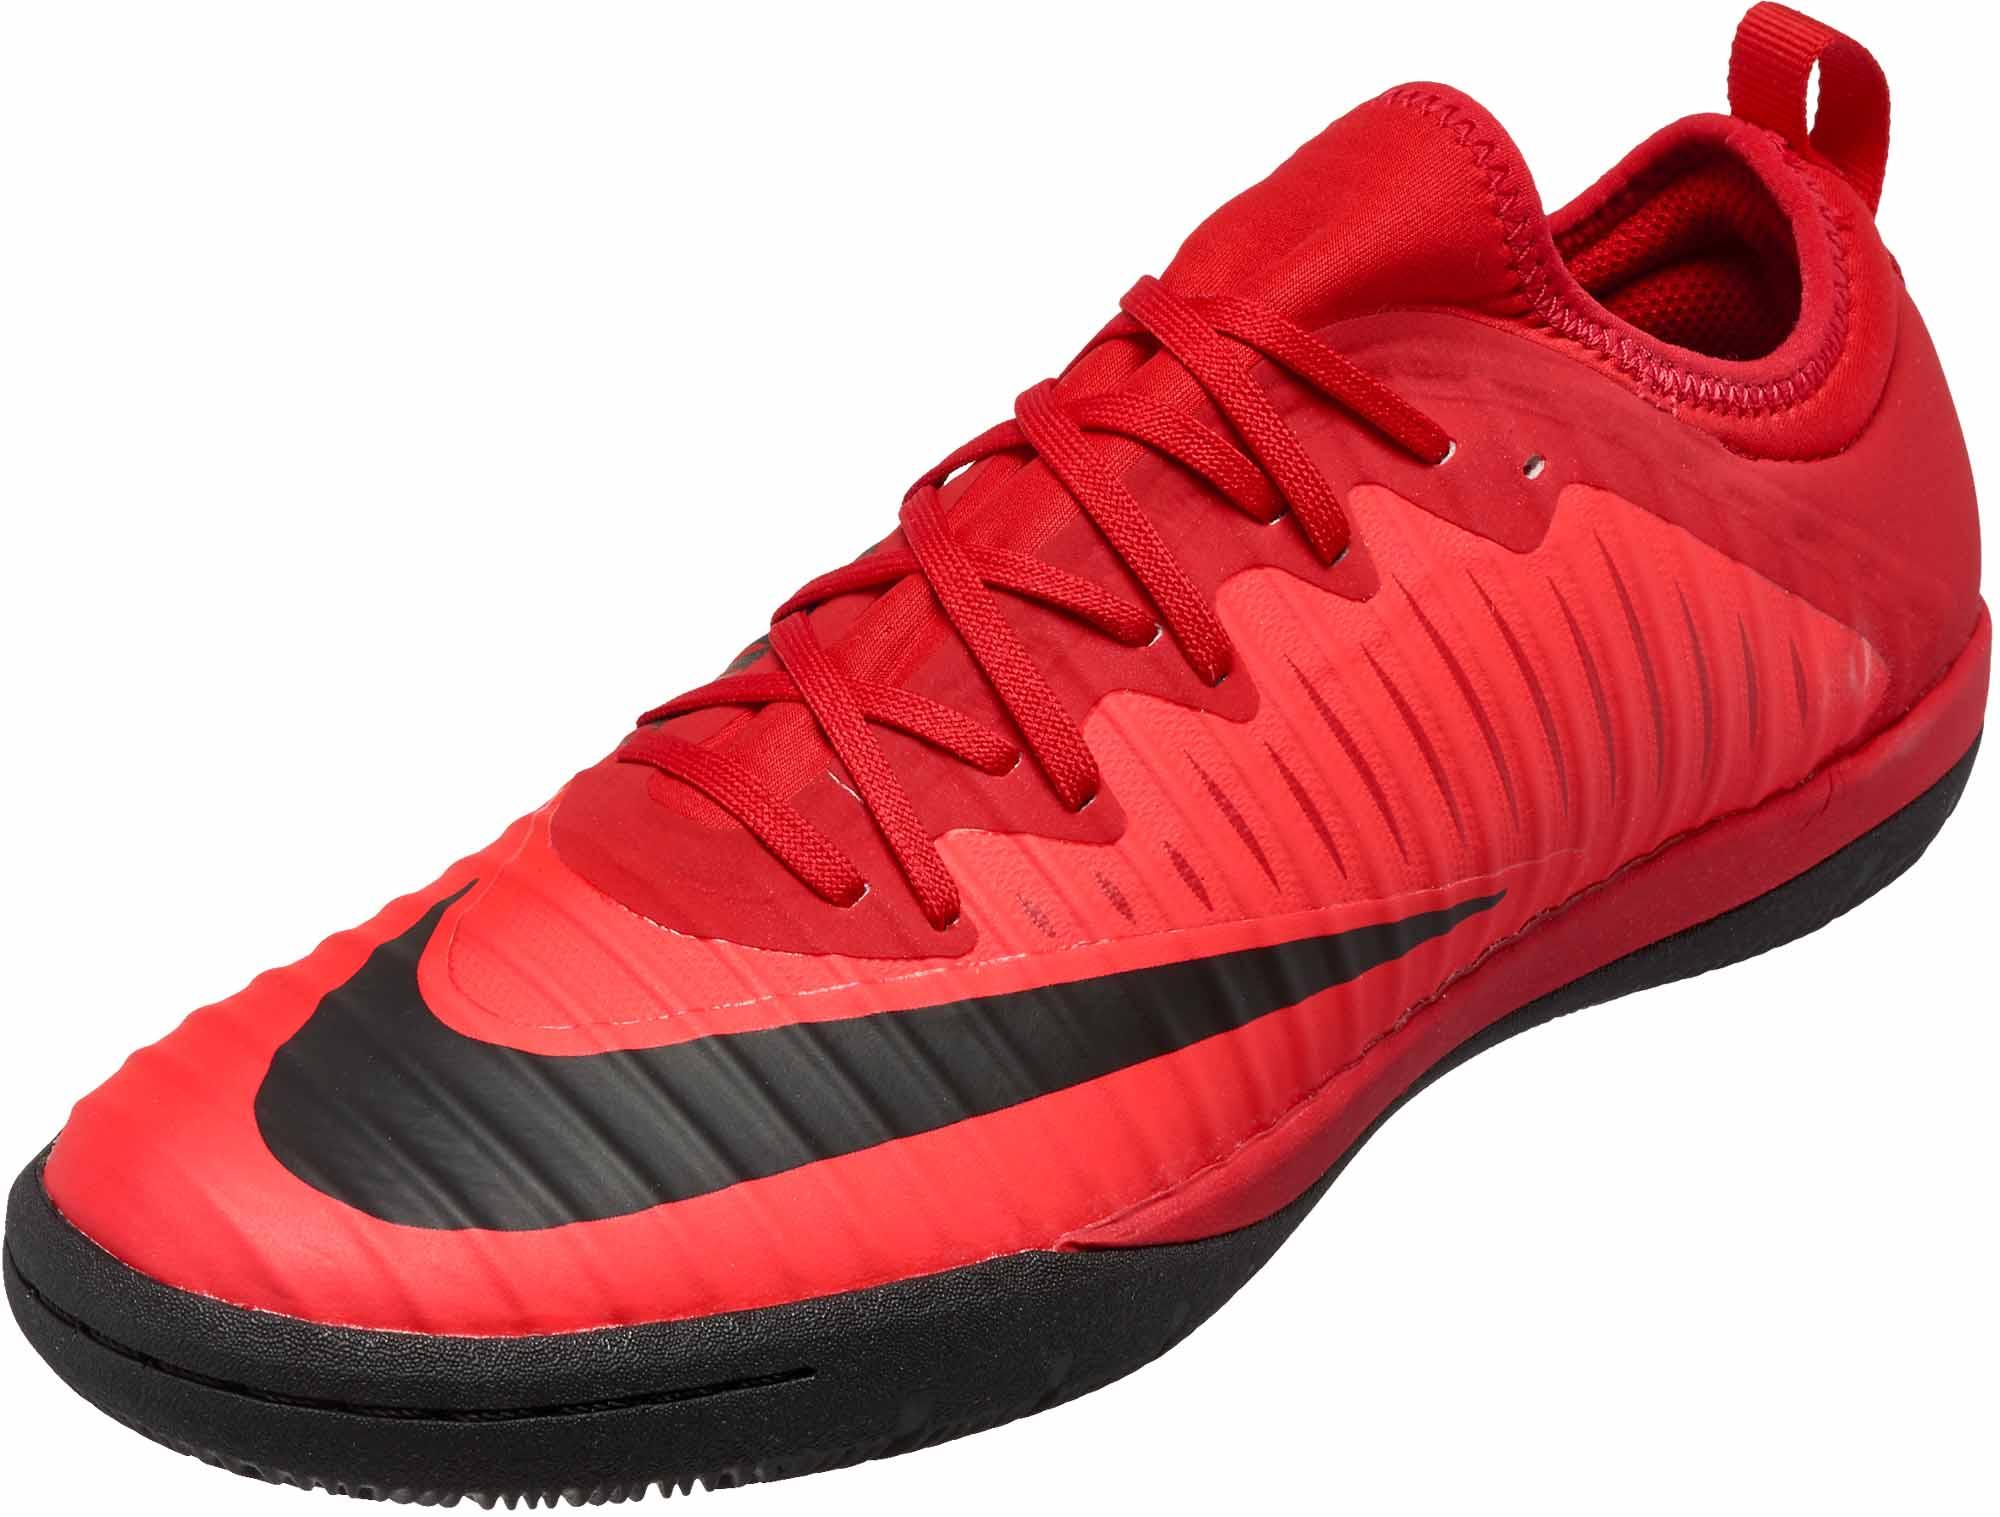 Buy Nike Shoes Nz